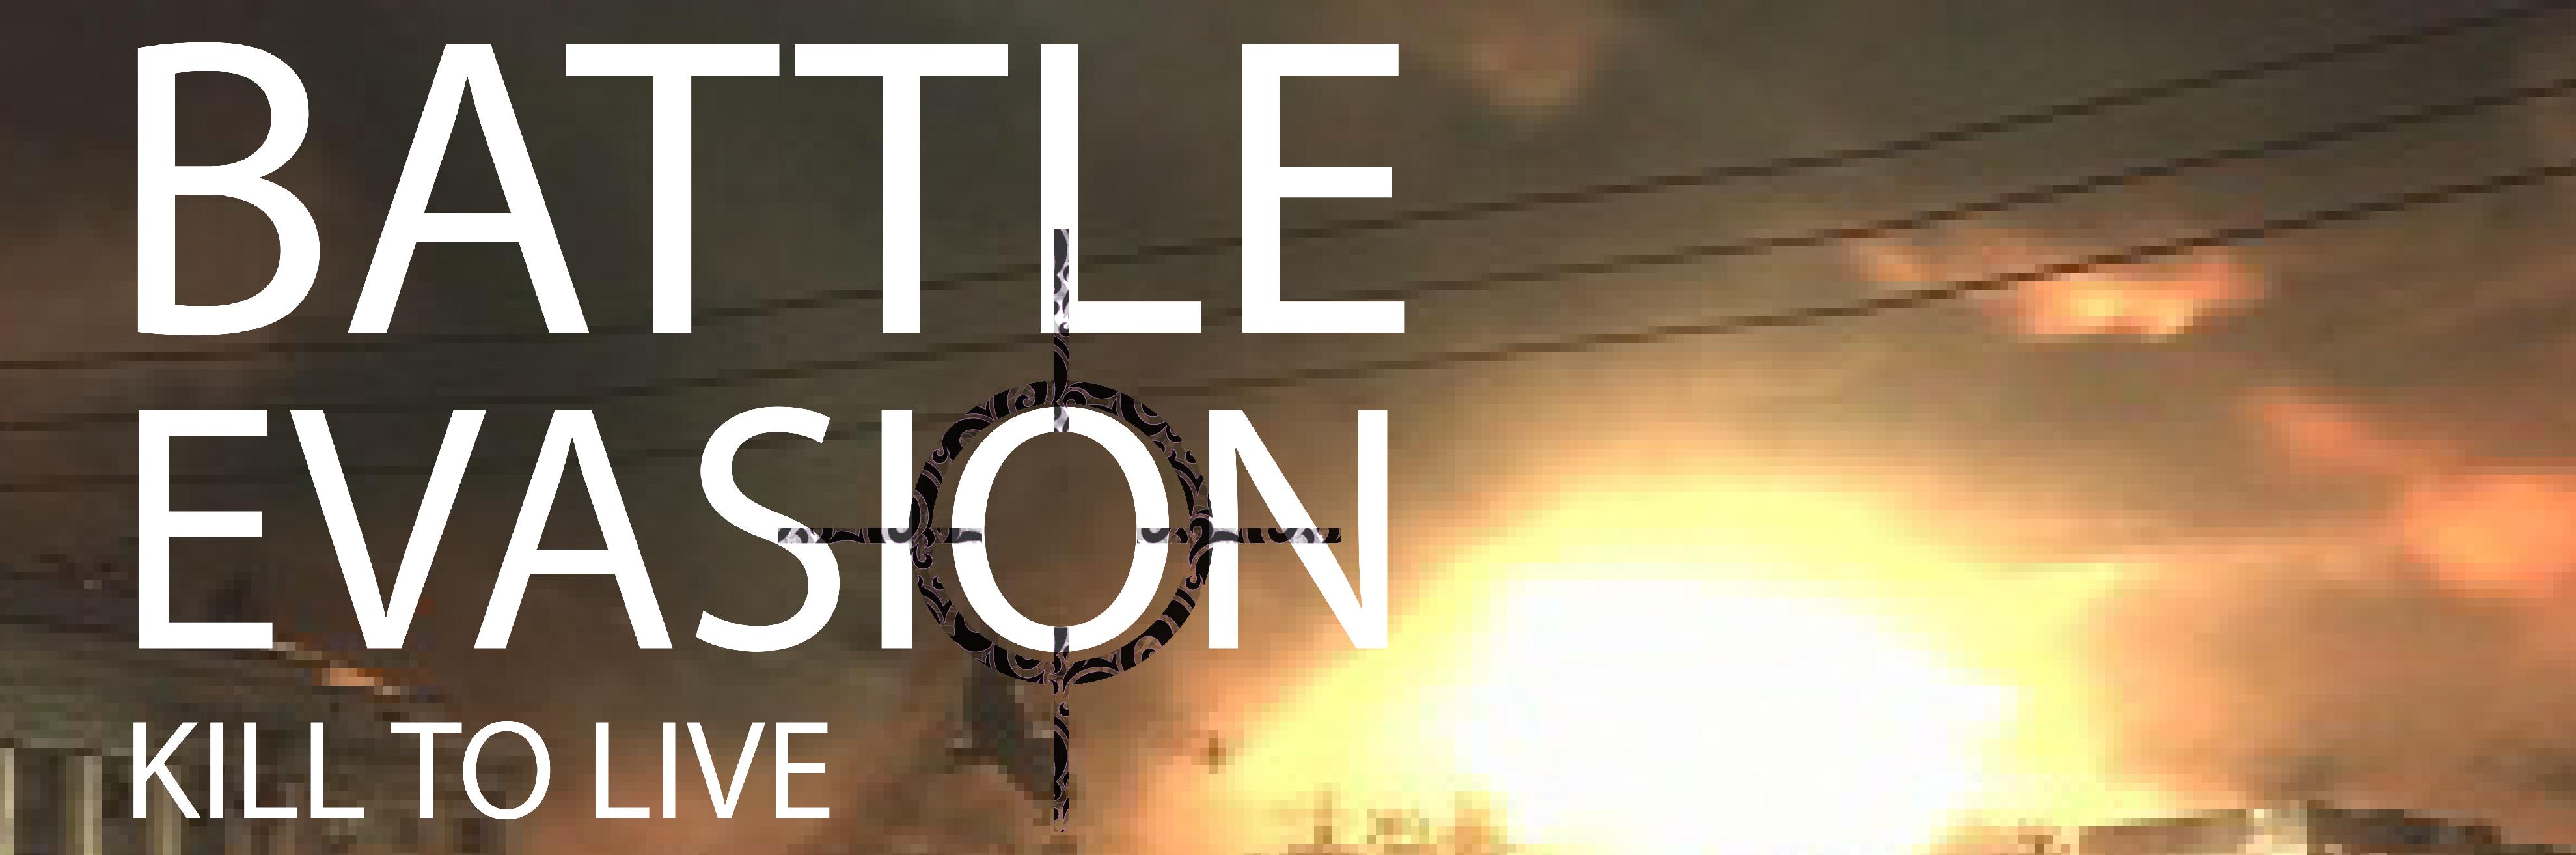 Battle Evasion